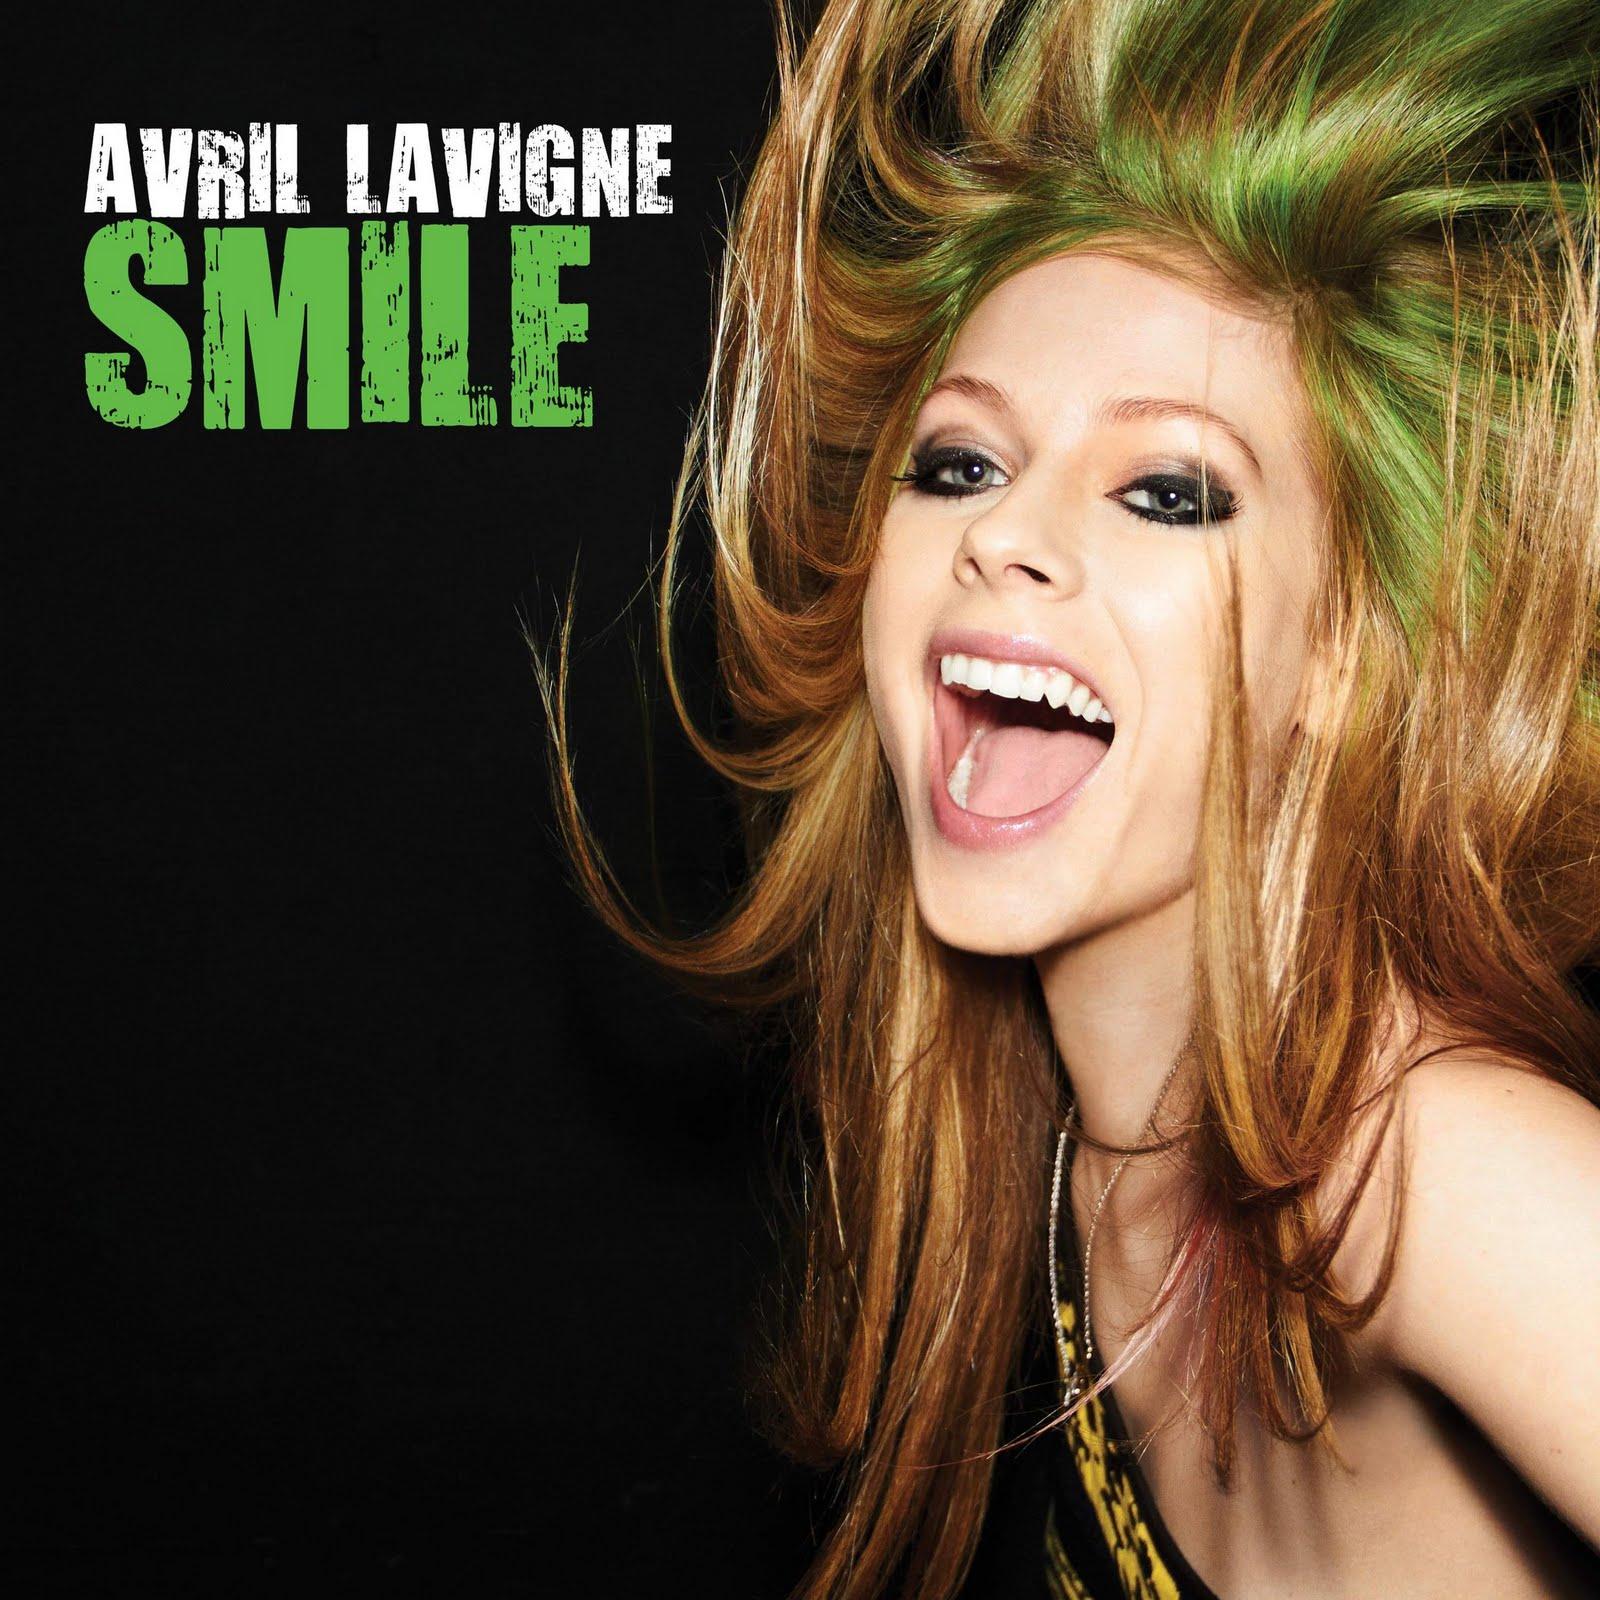 http://1.bp.blogspot.com/--CCc3g-Bpw8/TdfGzpeCRbI/AAAAAAAAAWU/G7frsebnRXk/s1600/AvrilLavigne-Smile.jpg